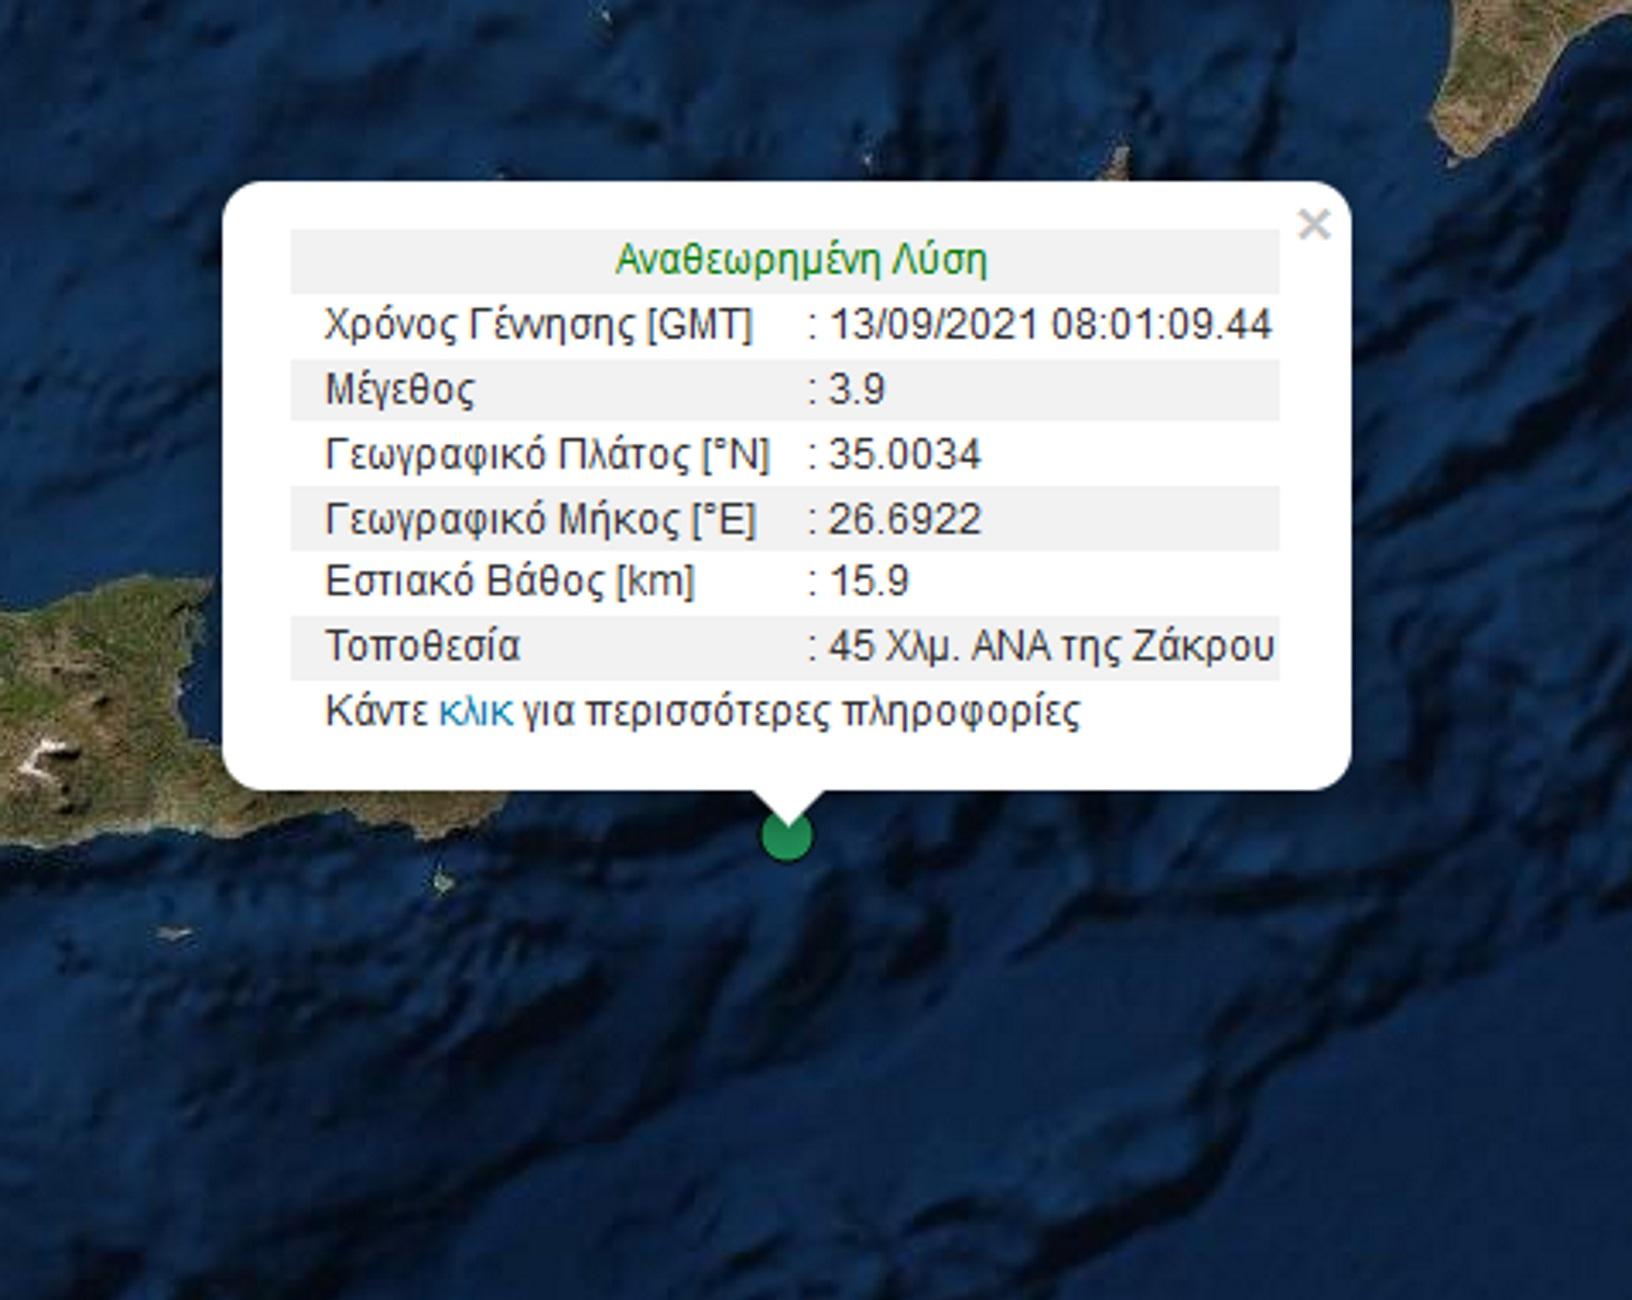 Σεισμός 3,9 Ρίχτερ ανοιχτά της Κρήτης – Αισθητός σε Λασίθι και Κάσο